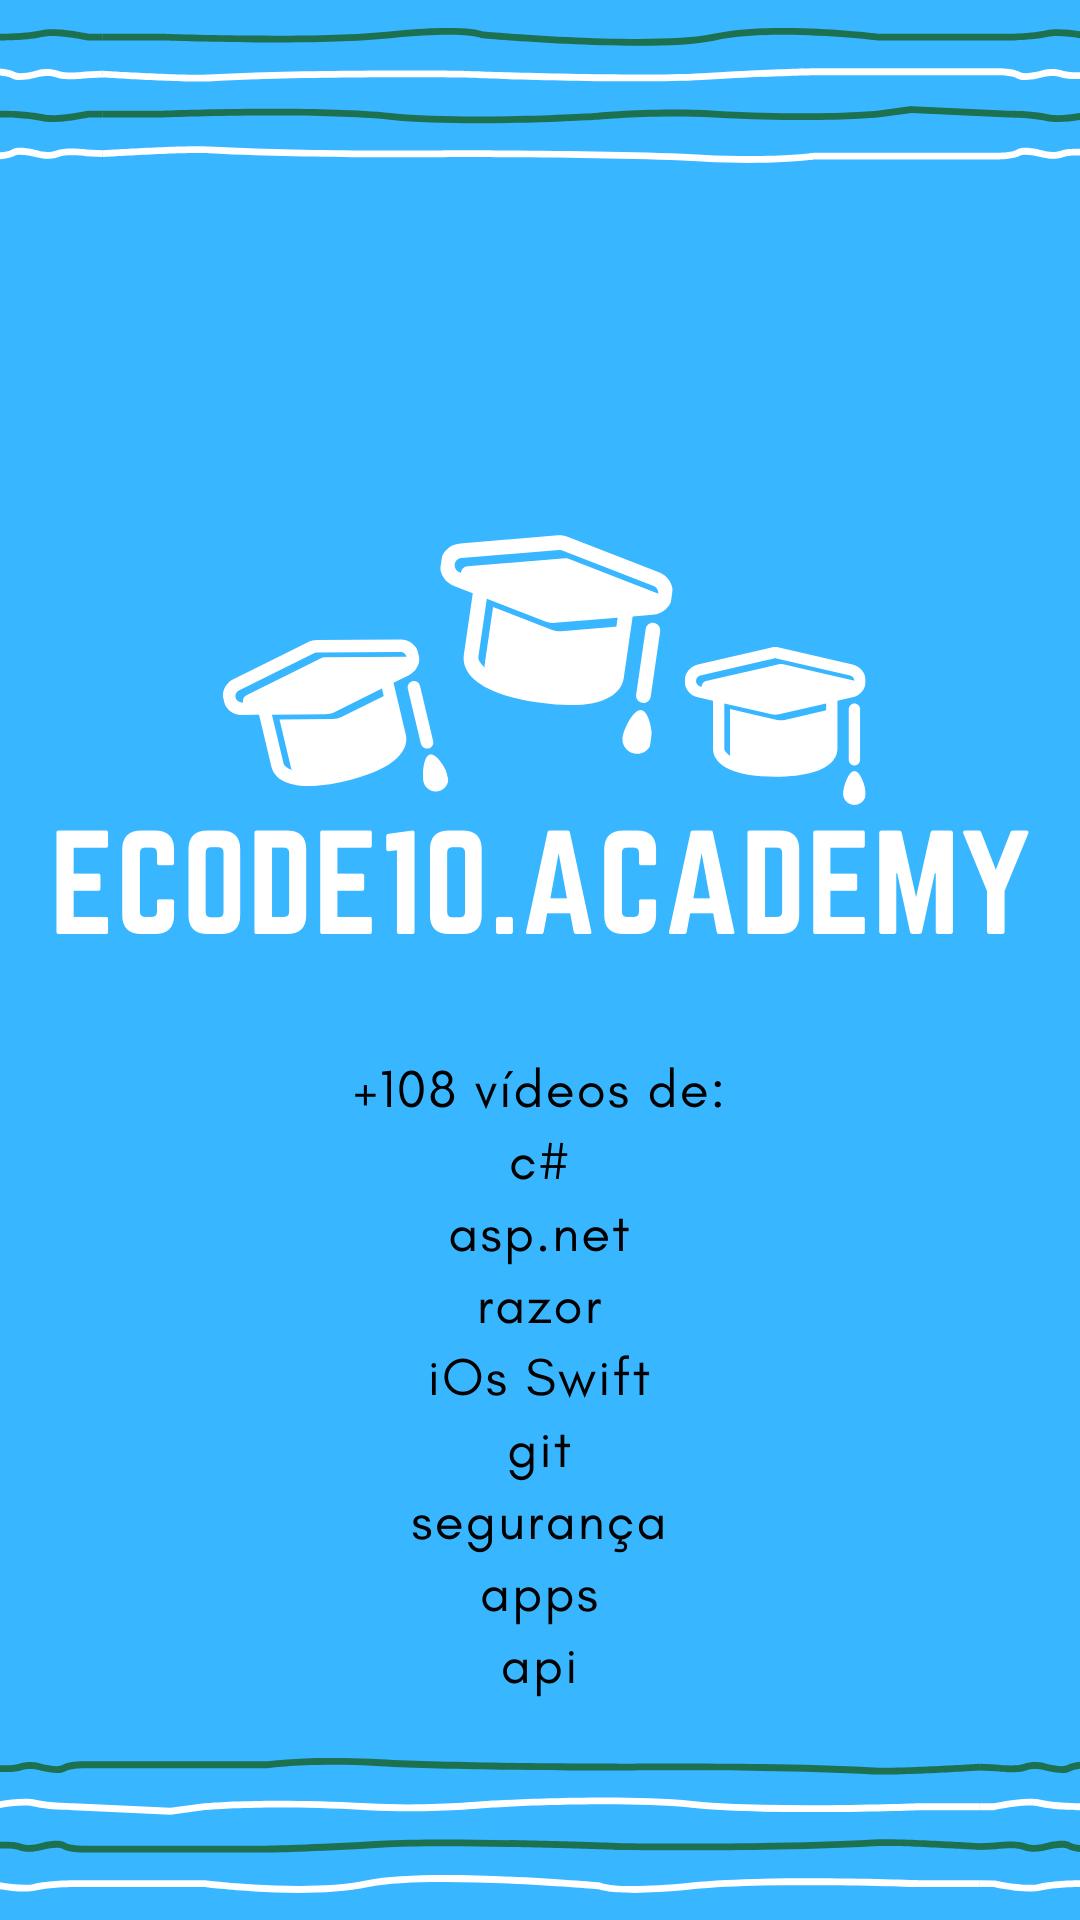 ecode10 academy